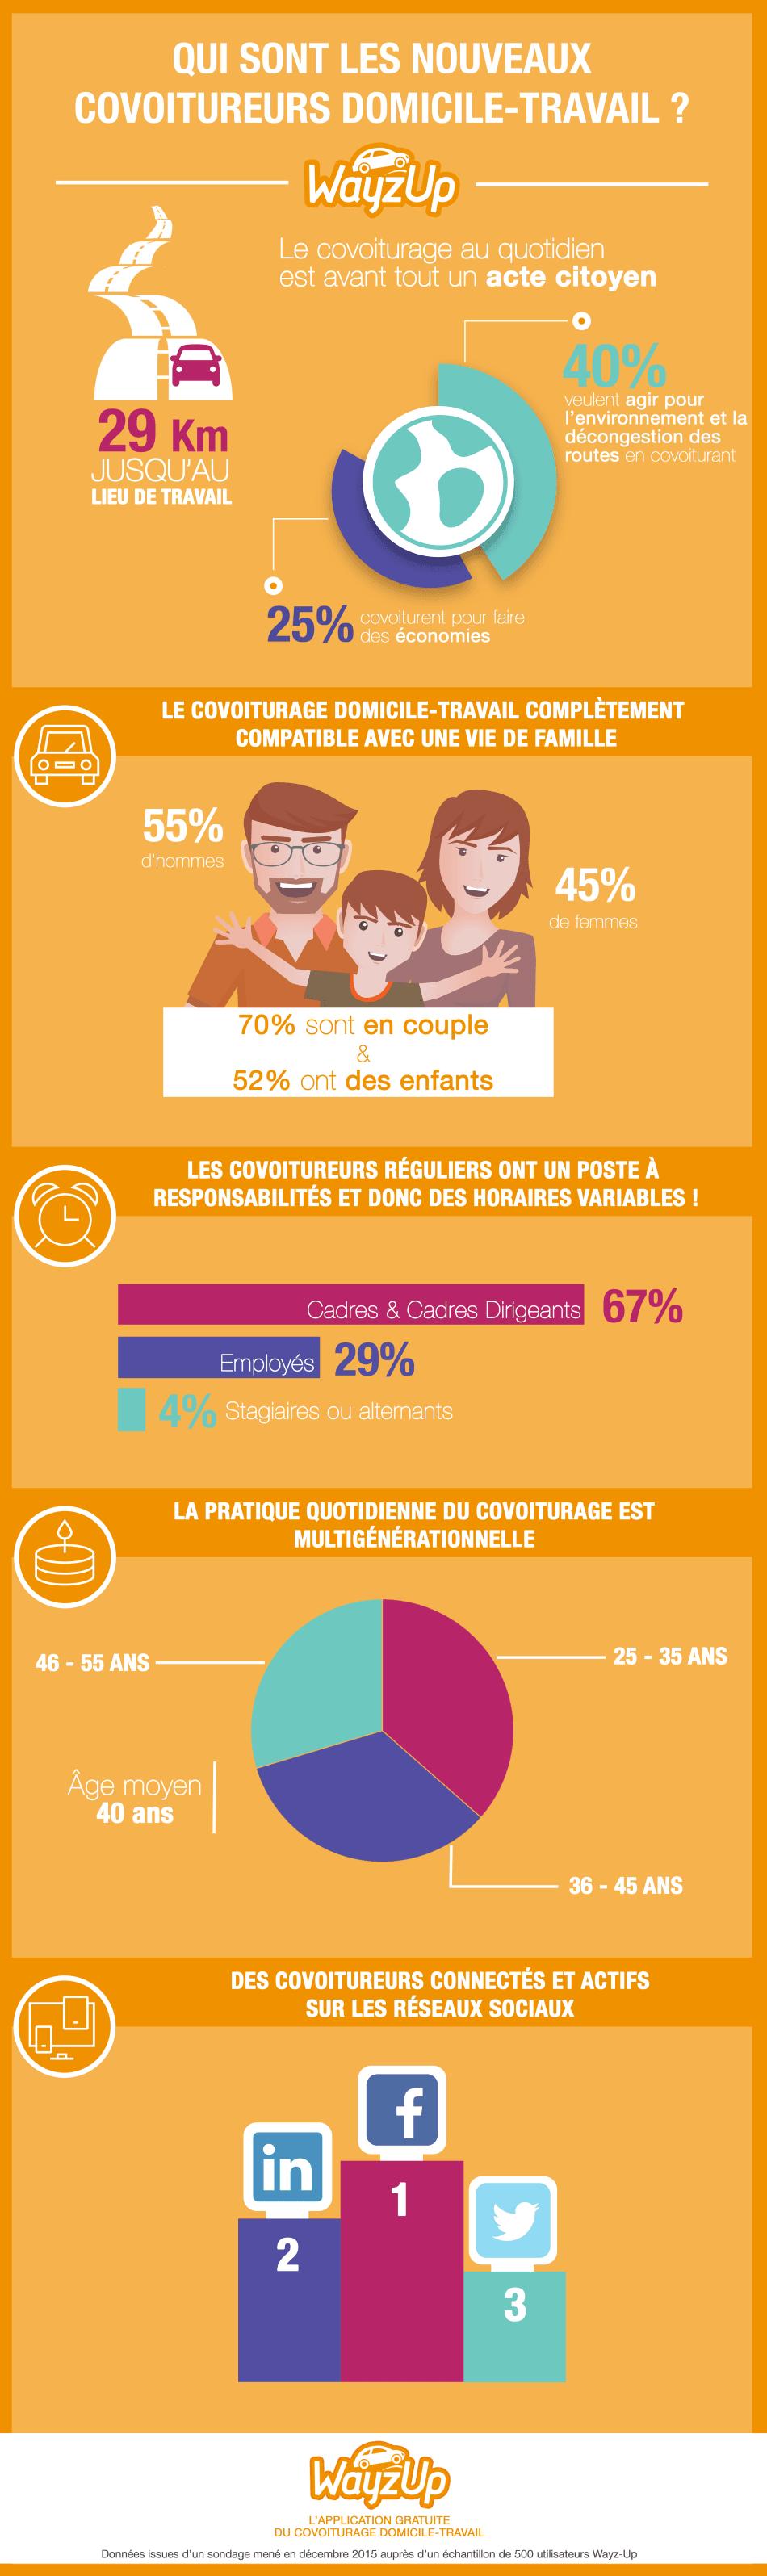 Infographie sur les covoitureurs